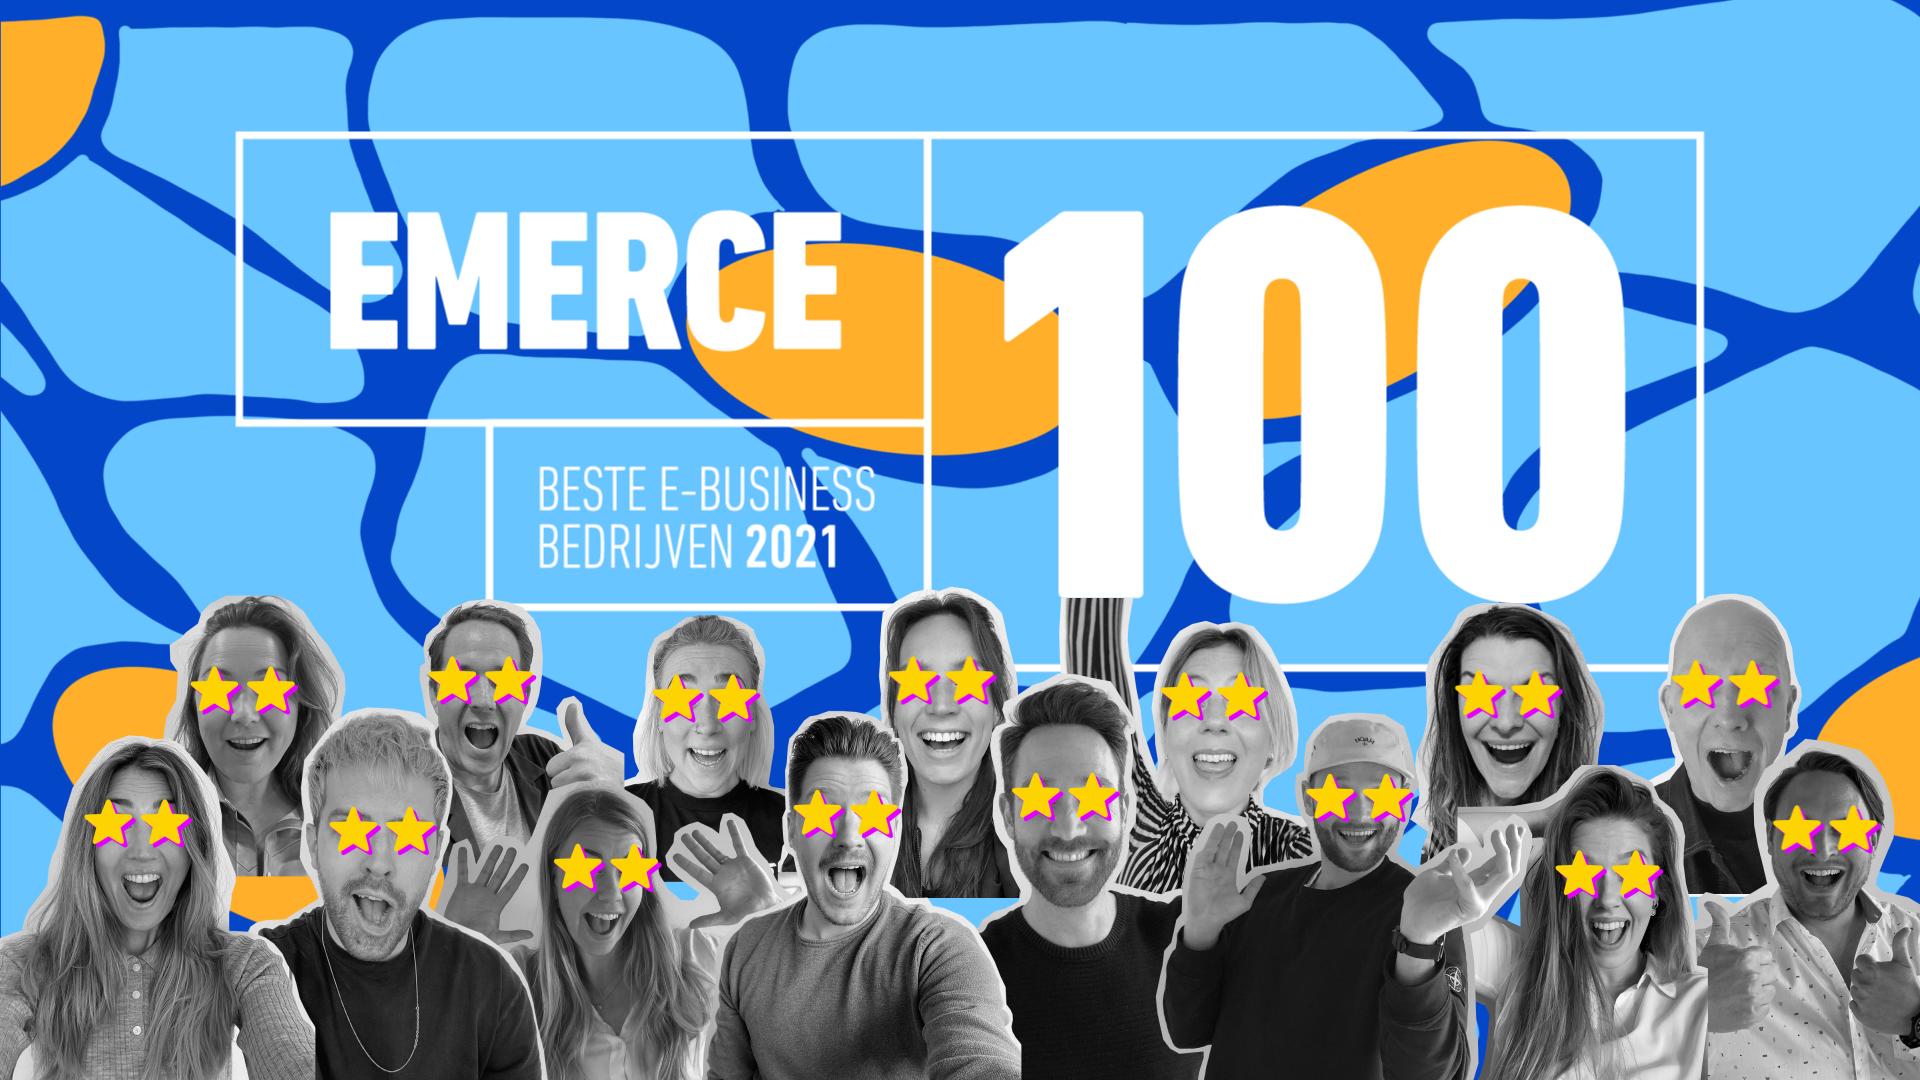 SOCIAL.INC nummer 1 social en content bureau volgens Emerce100